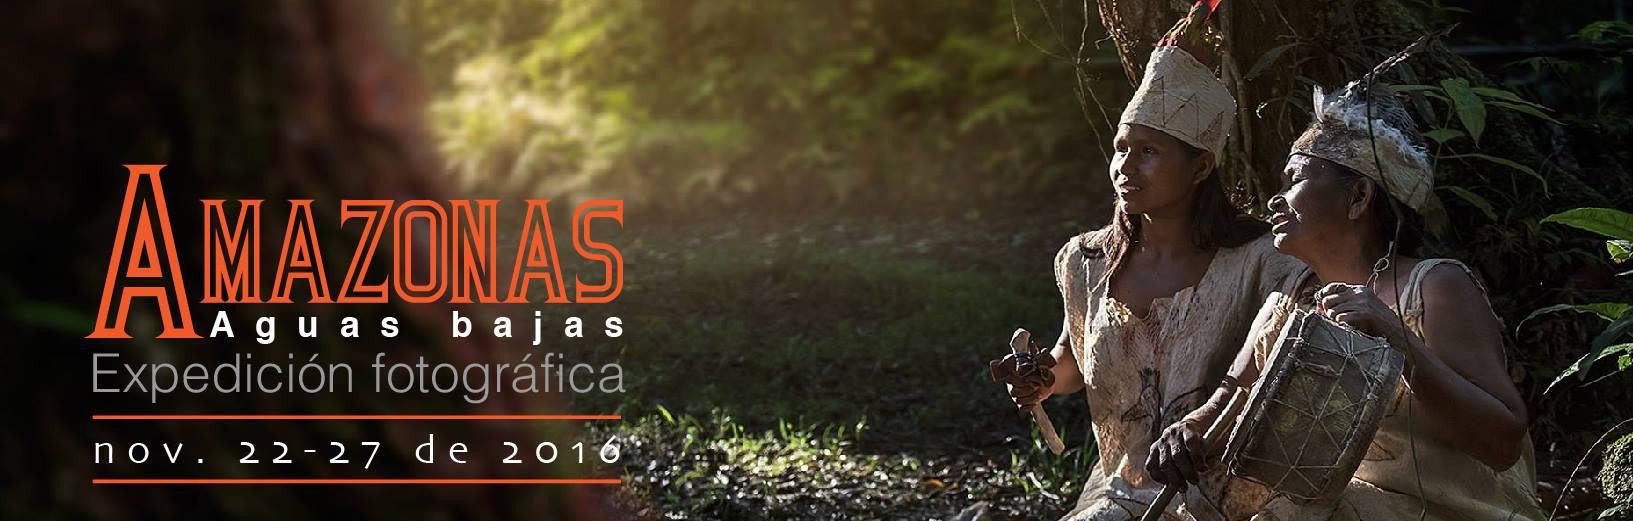 Amazonas Aguas Bajas